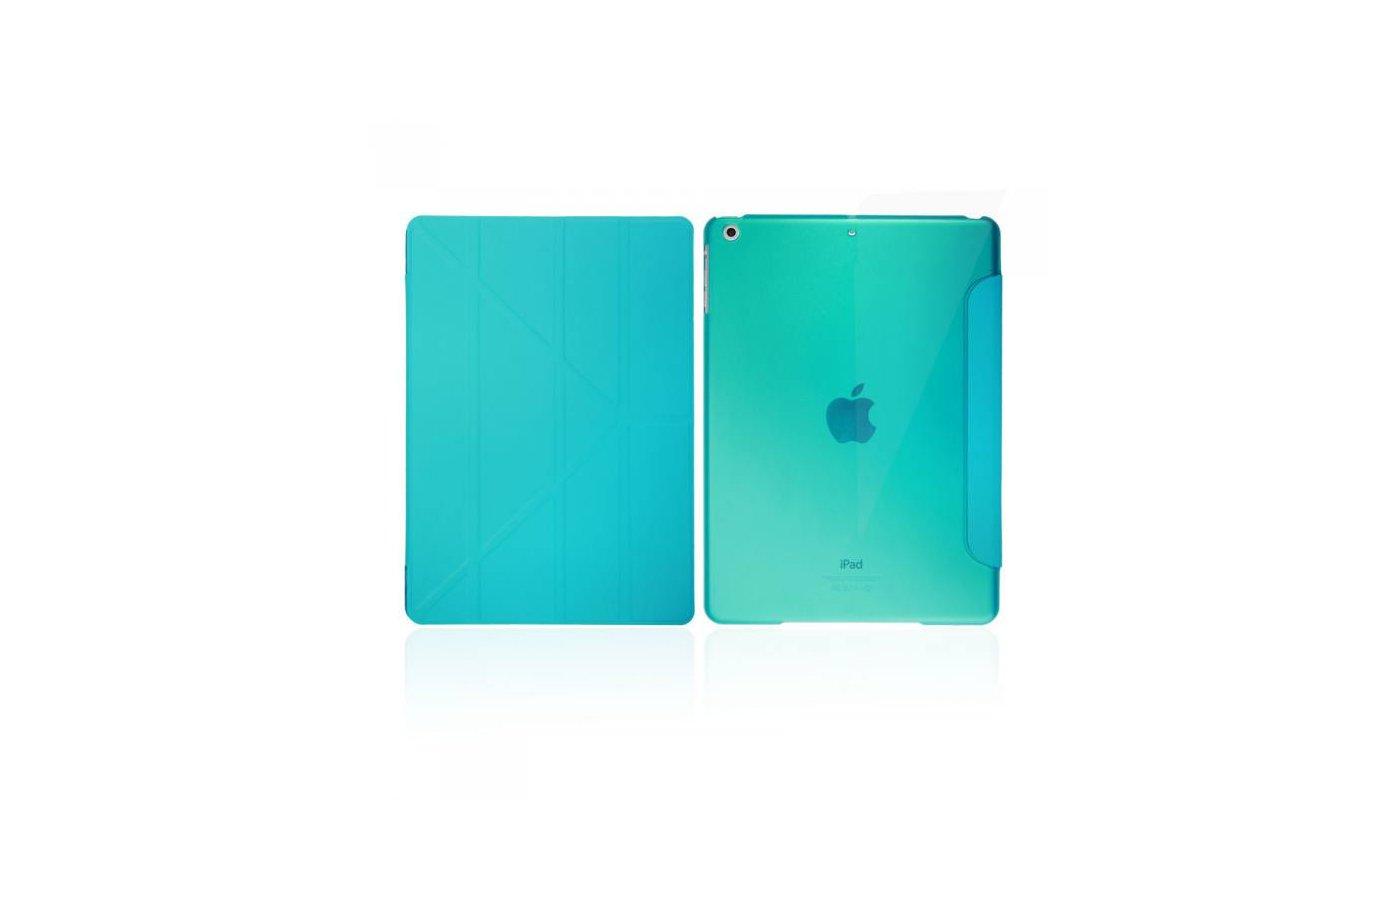 Чехол для планшетного ПК IT BAGGAGE для iPad Air 9.7 hard case искус. кожа синий с тонированной задней стенкой ITIPAD501-4